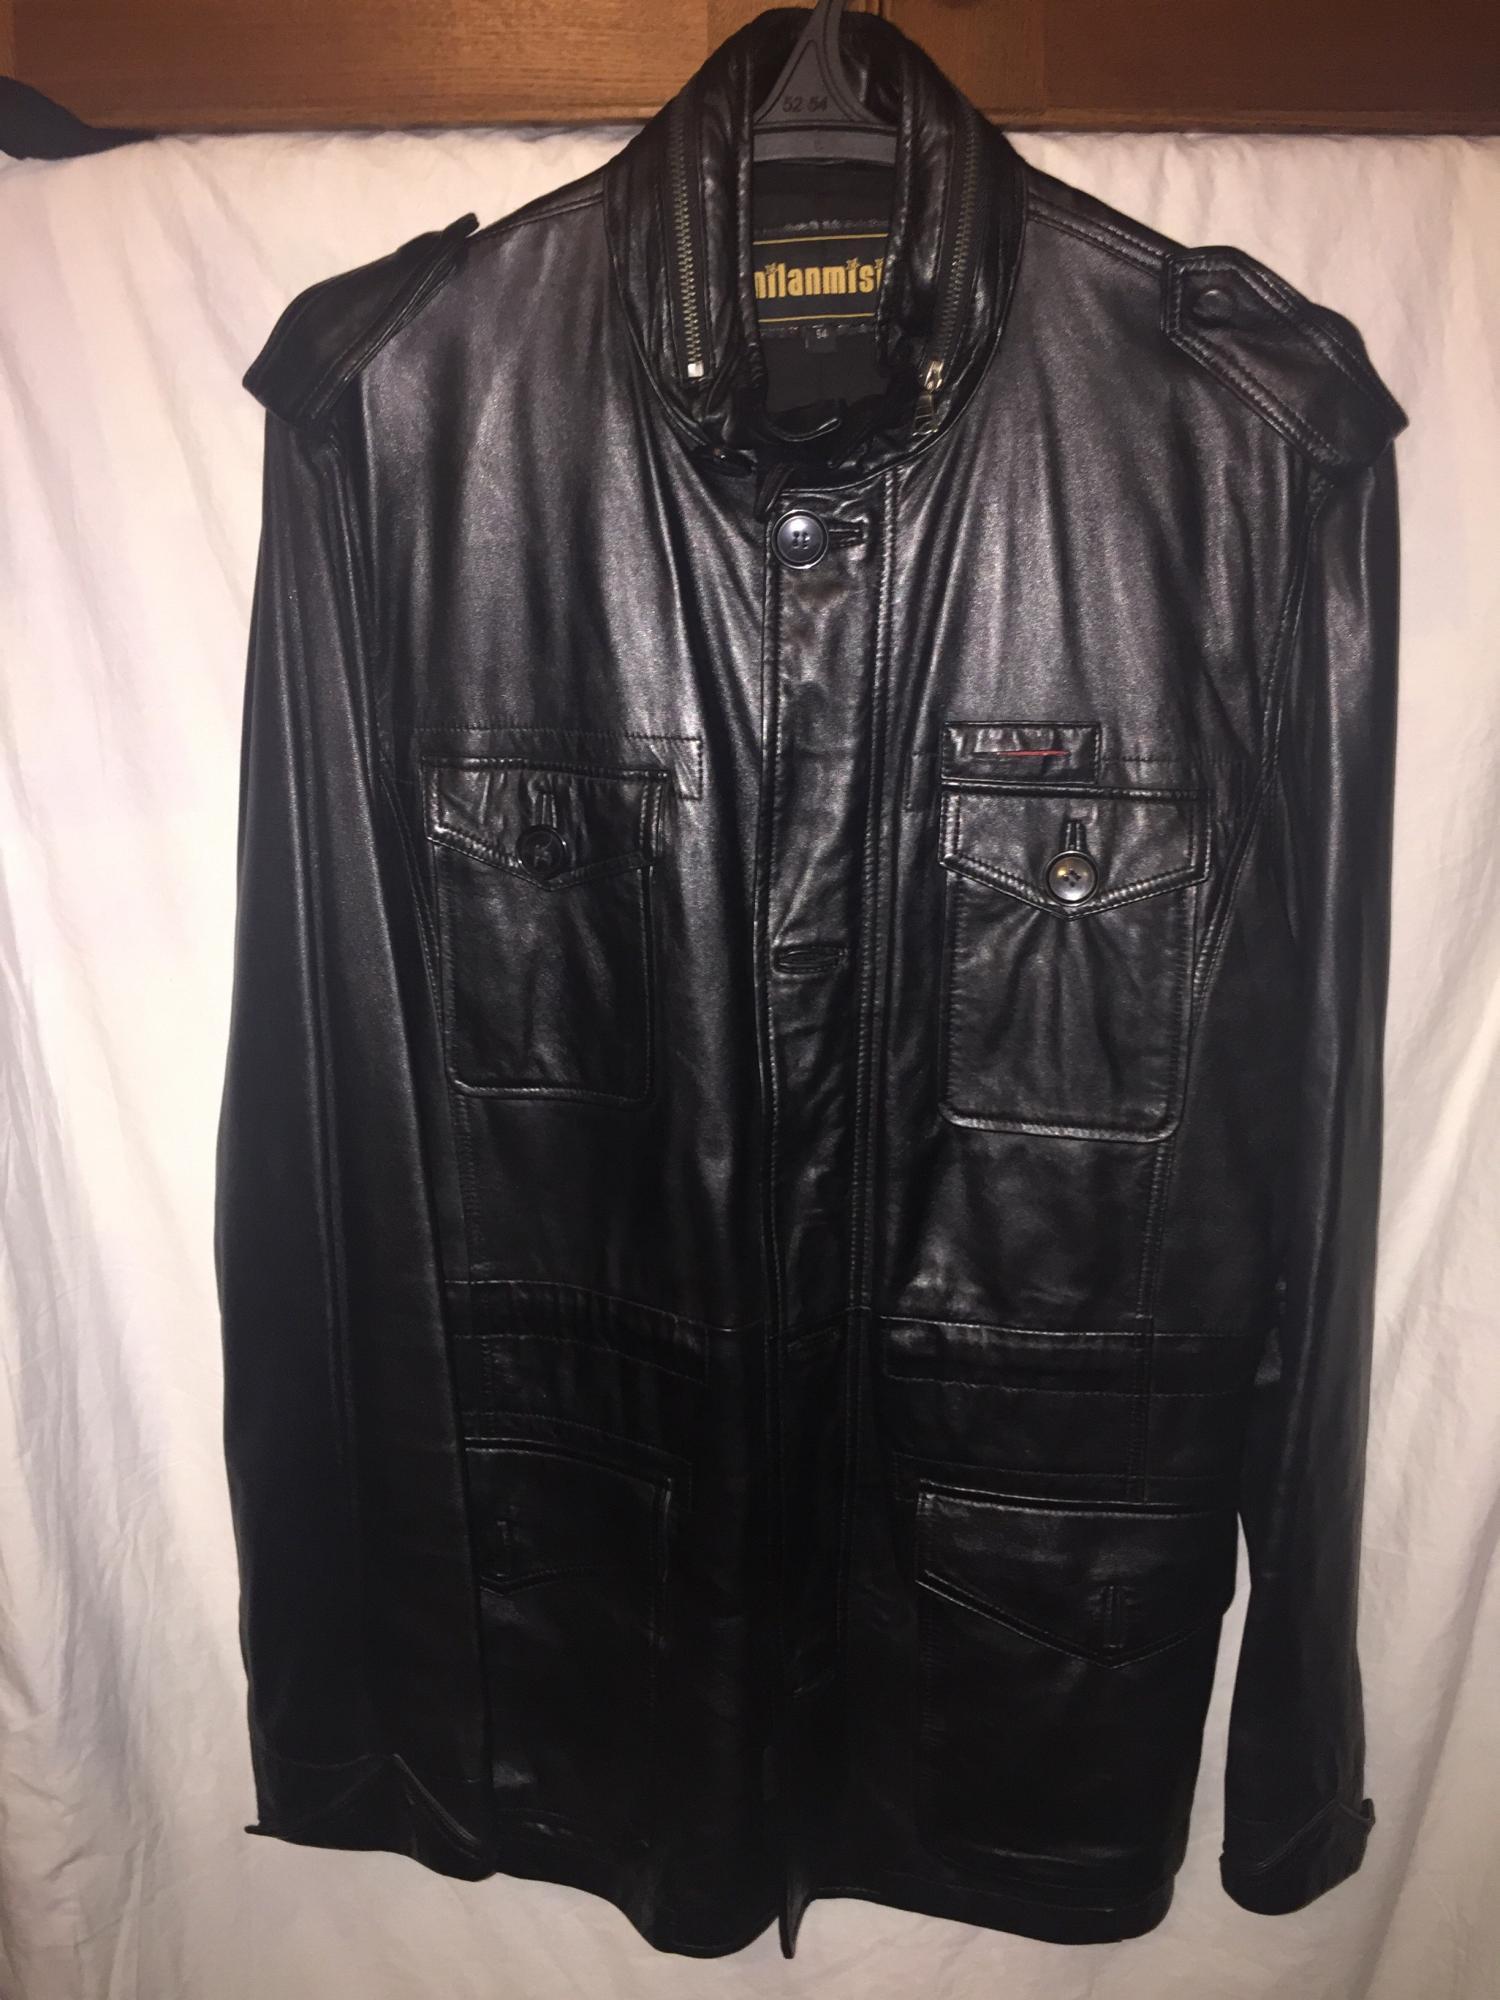 куртка мужская в Зеленограде 89037595587 купить 1